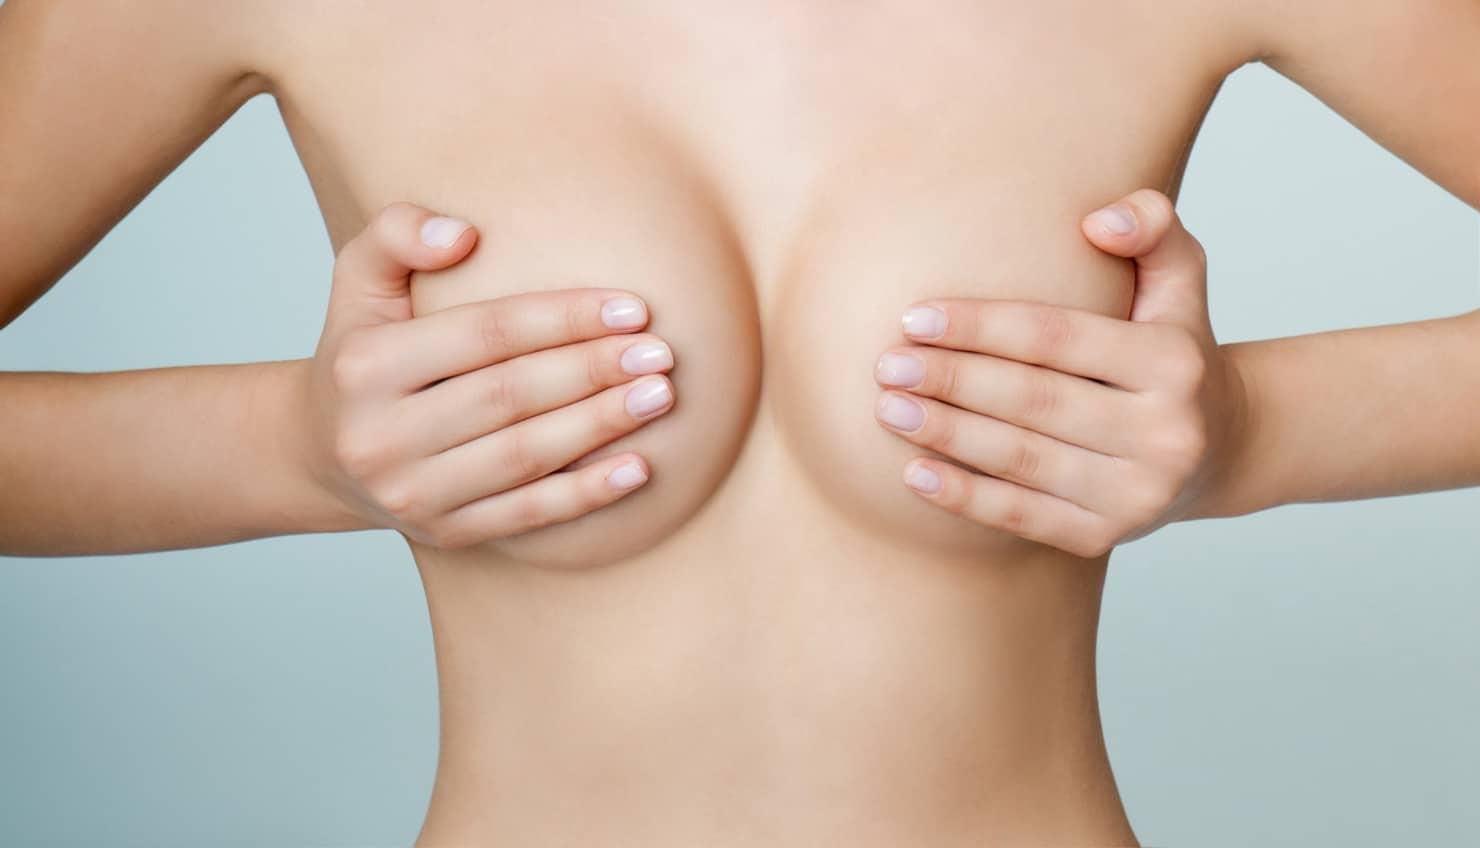 Zmniejszanie redukcja piersi w praktyce